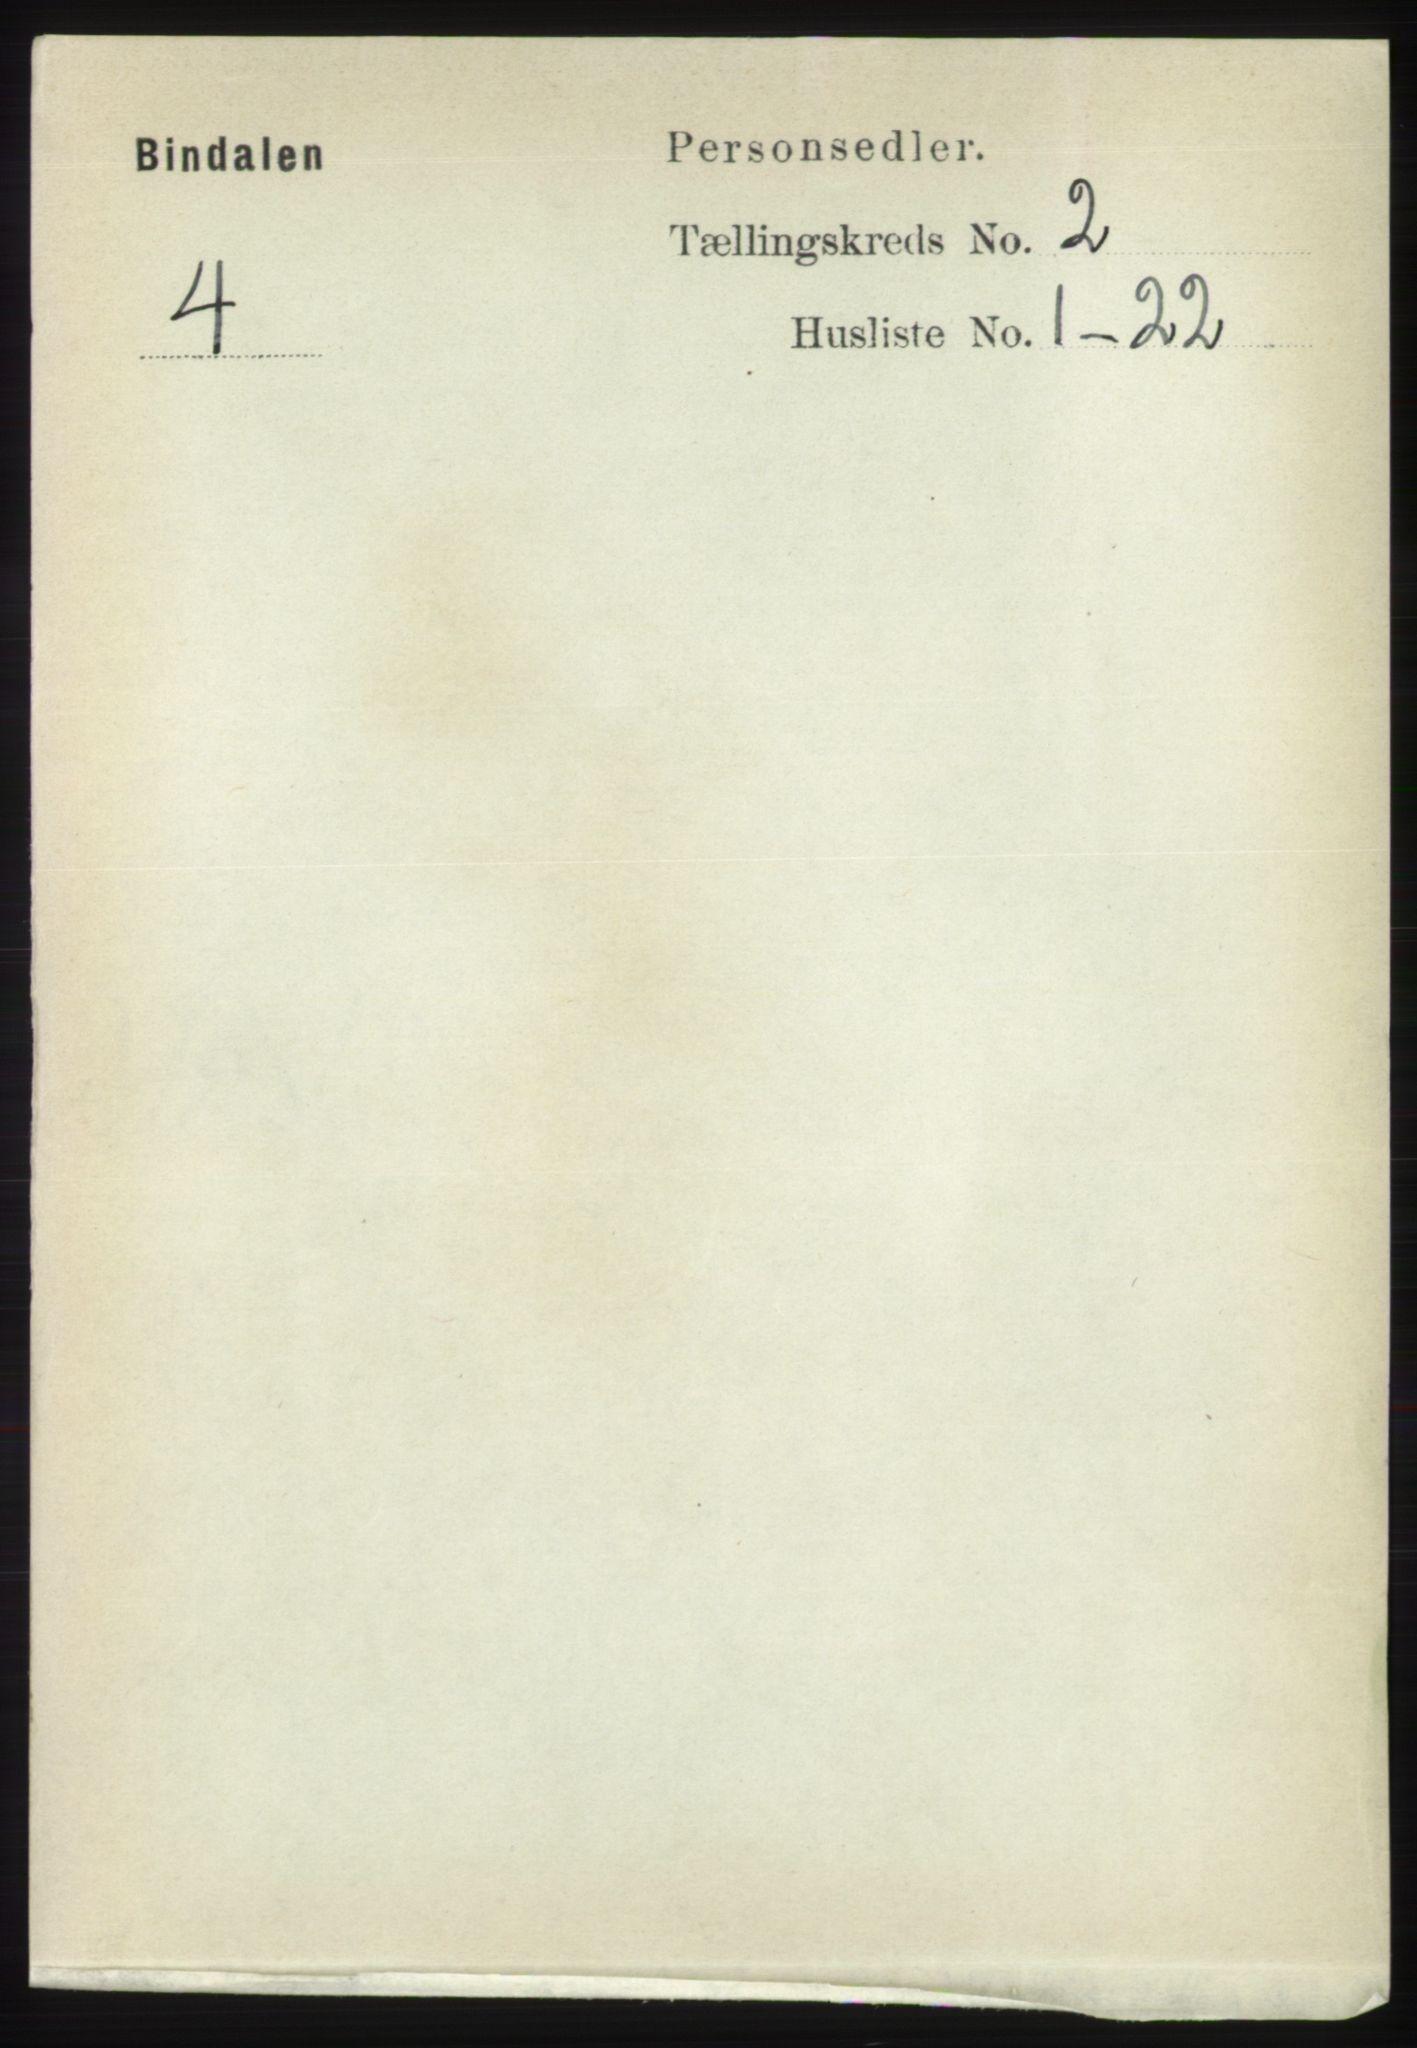 RA, Folketelling 1891 for 1811 Bindal herred, 1891, s. 279